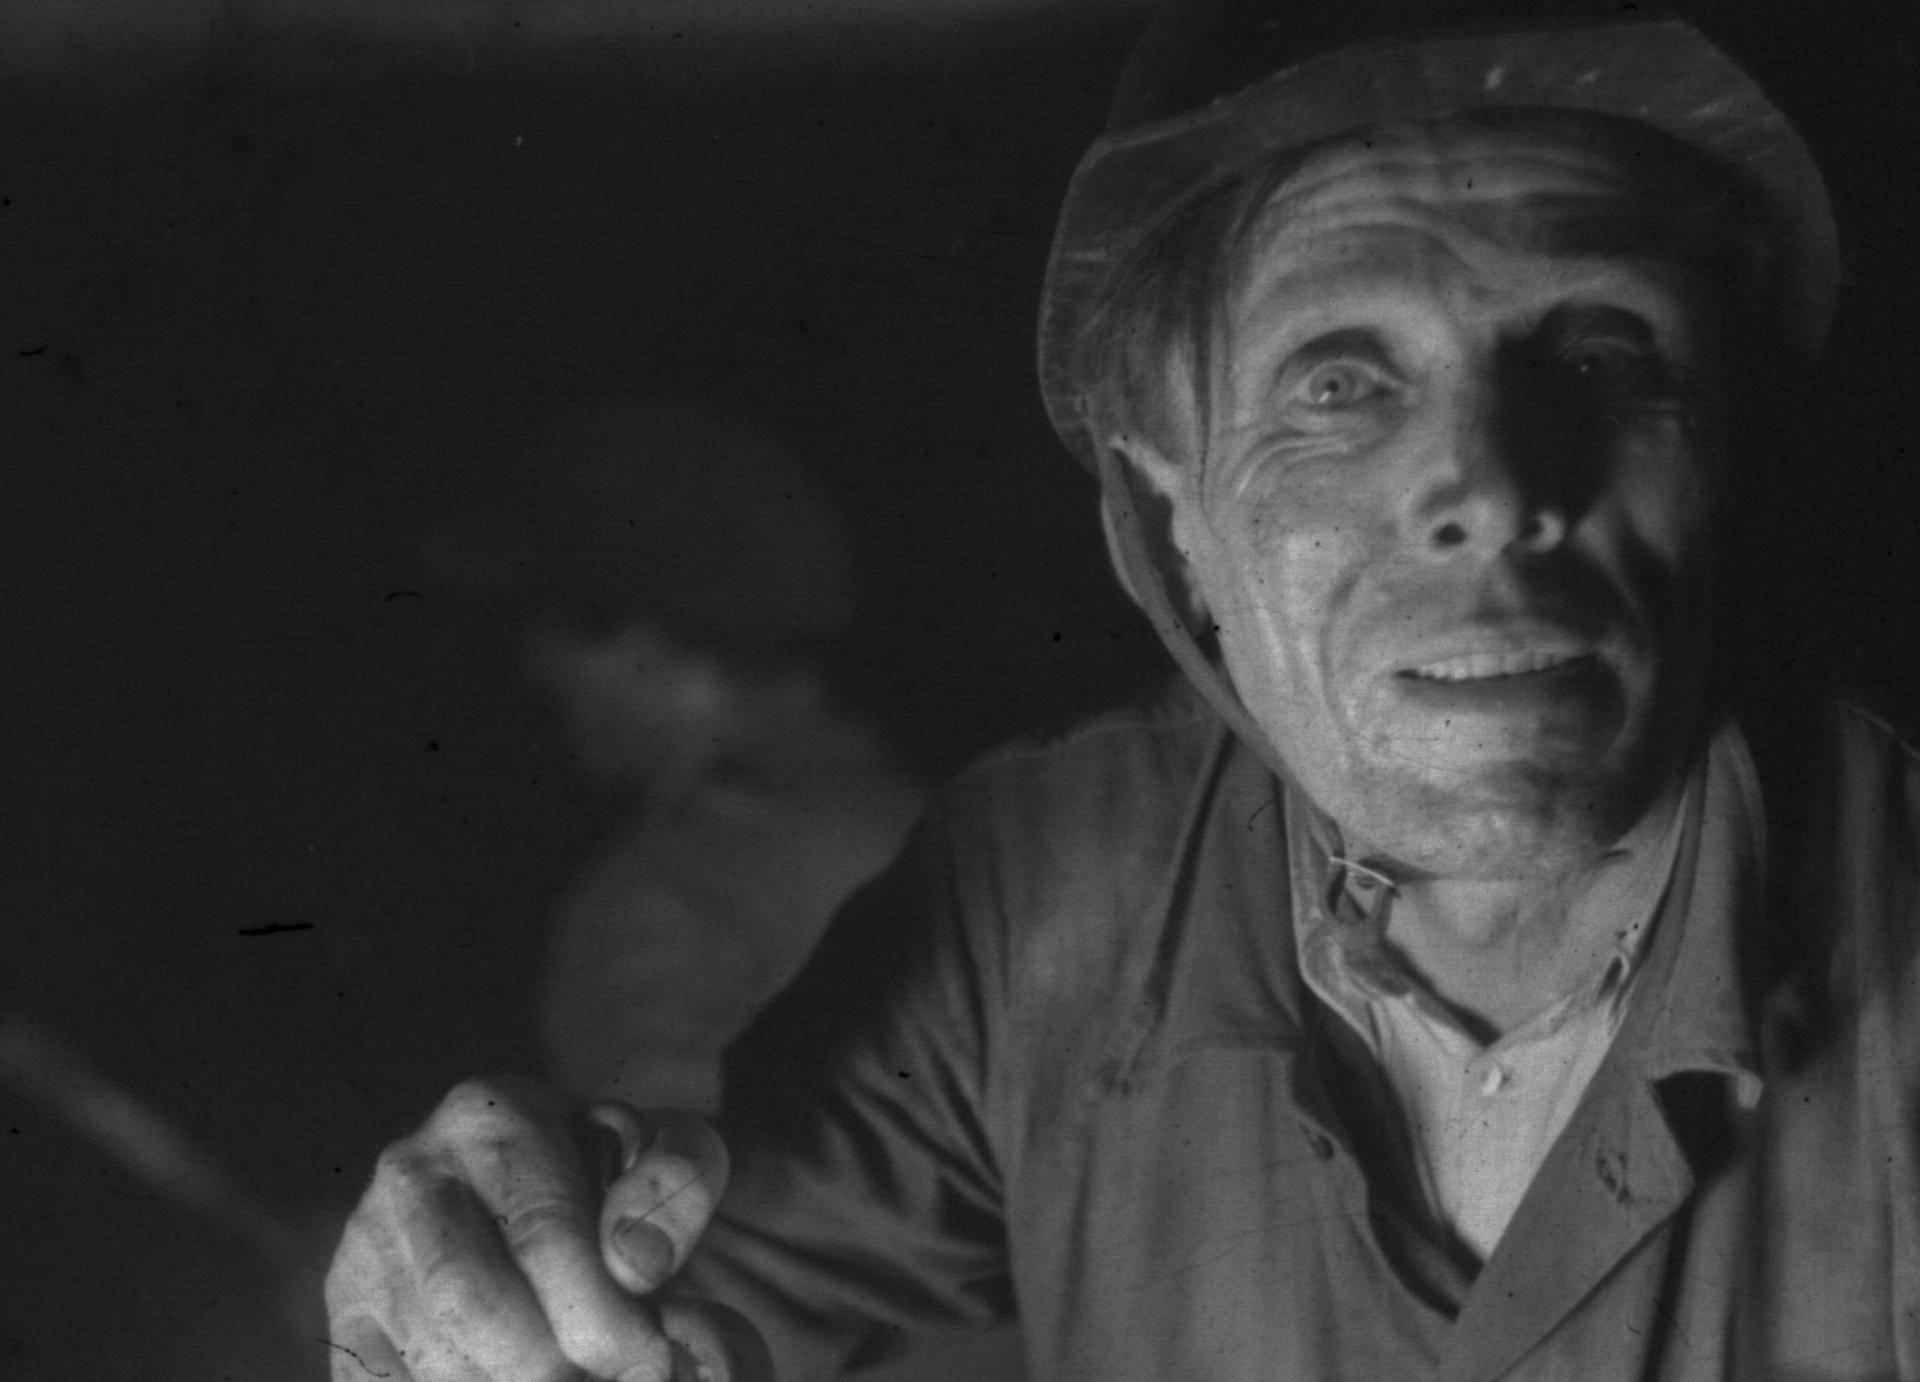 Junak mračnih jama: Ispovijest jednog od posljednjih rudara...